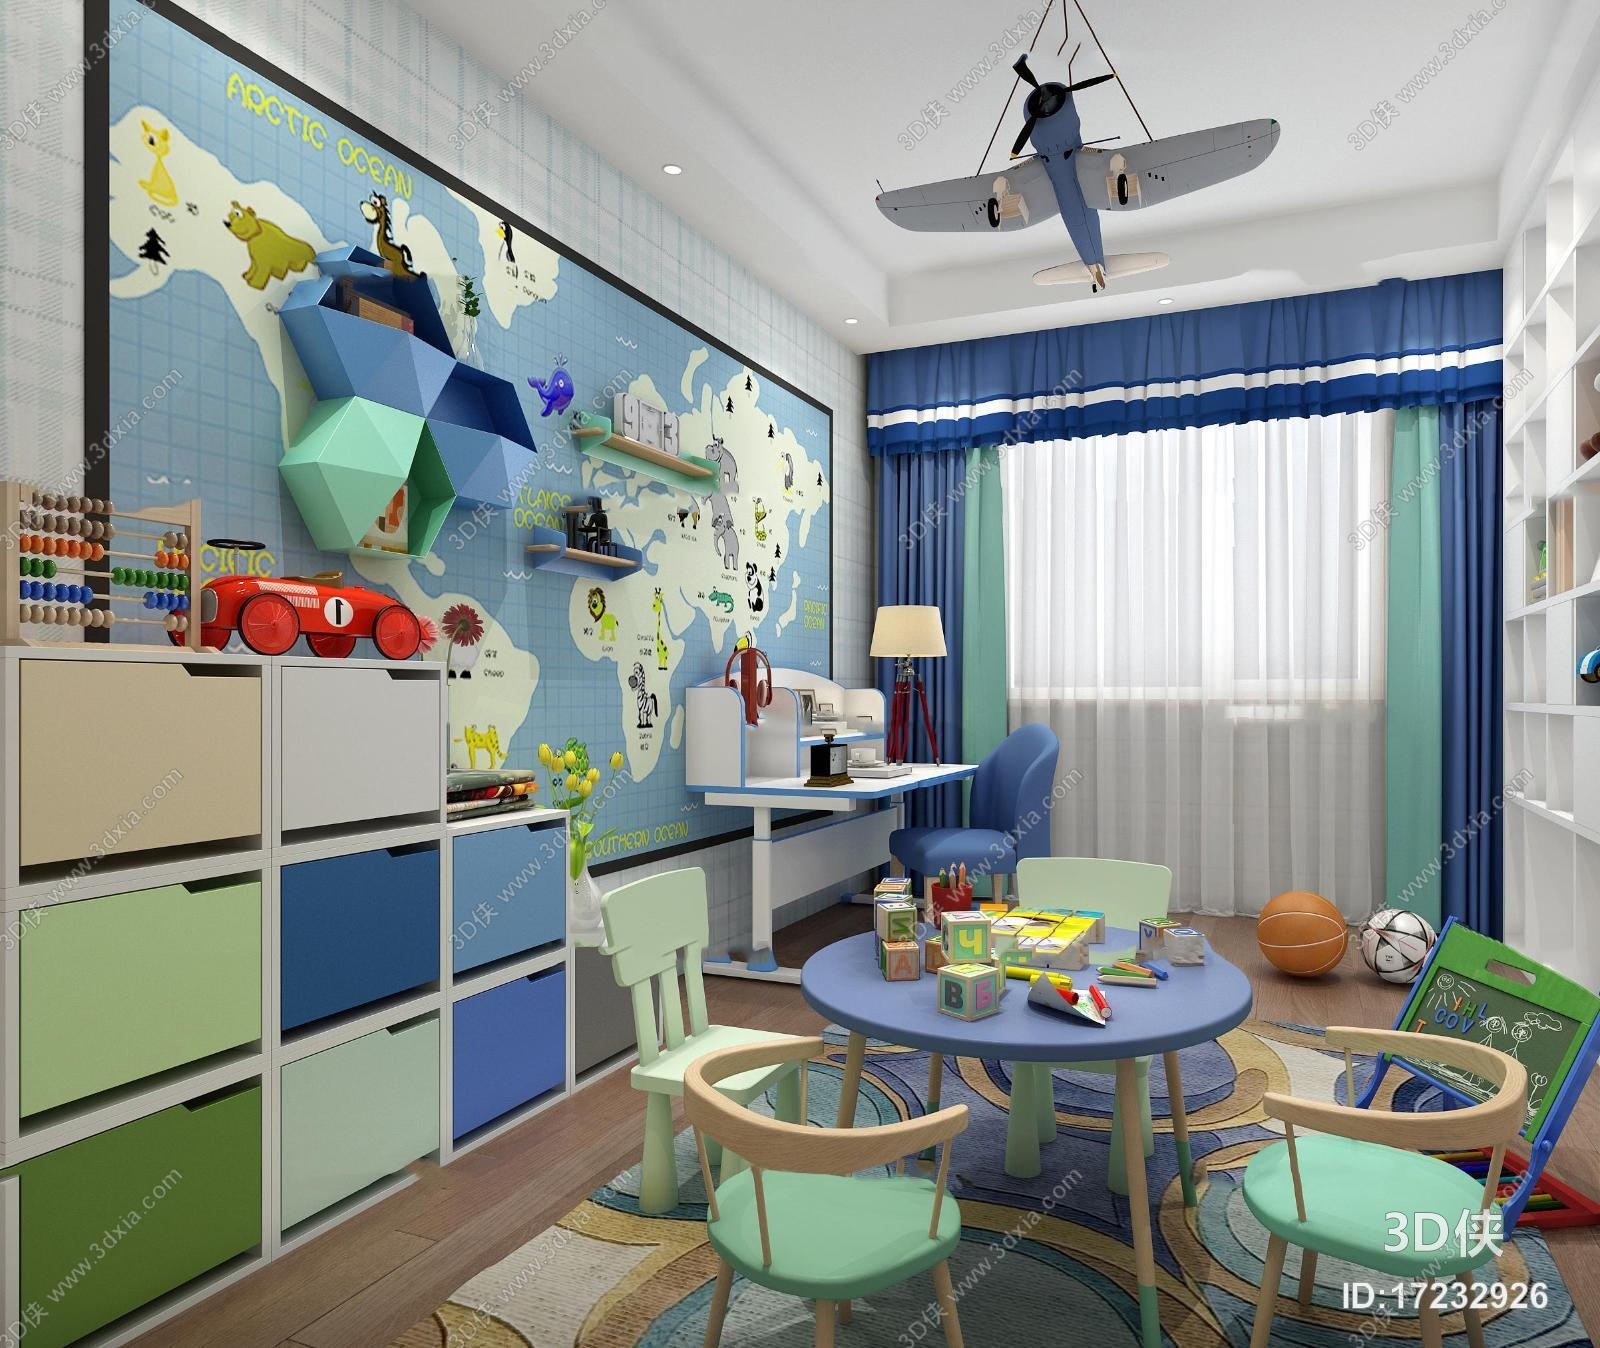 效果圖素材免費下載,本作品主題是現代兒童活動室3d模型,編號是